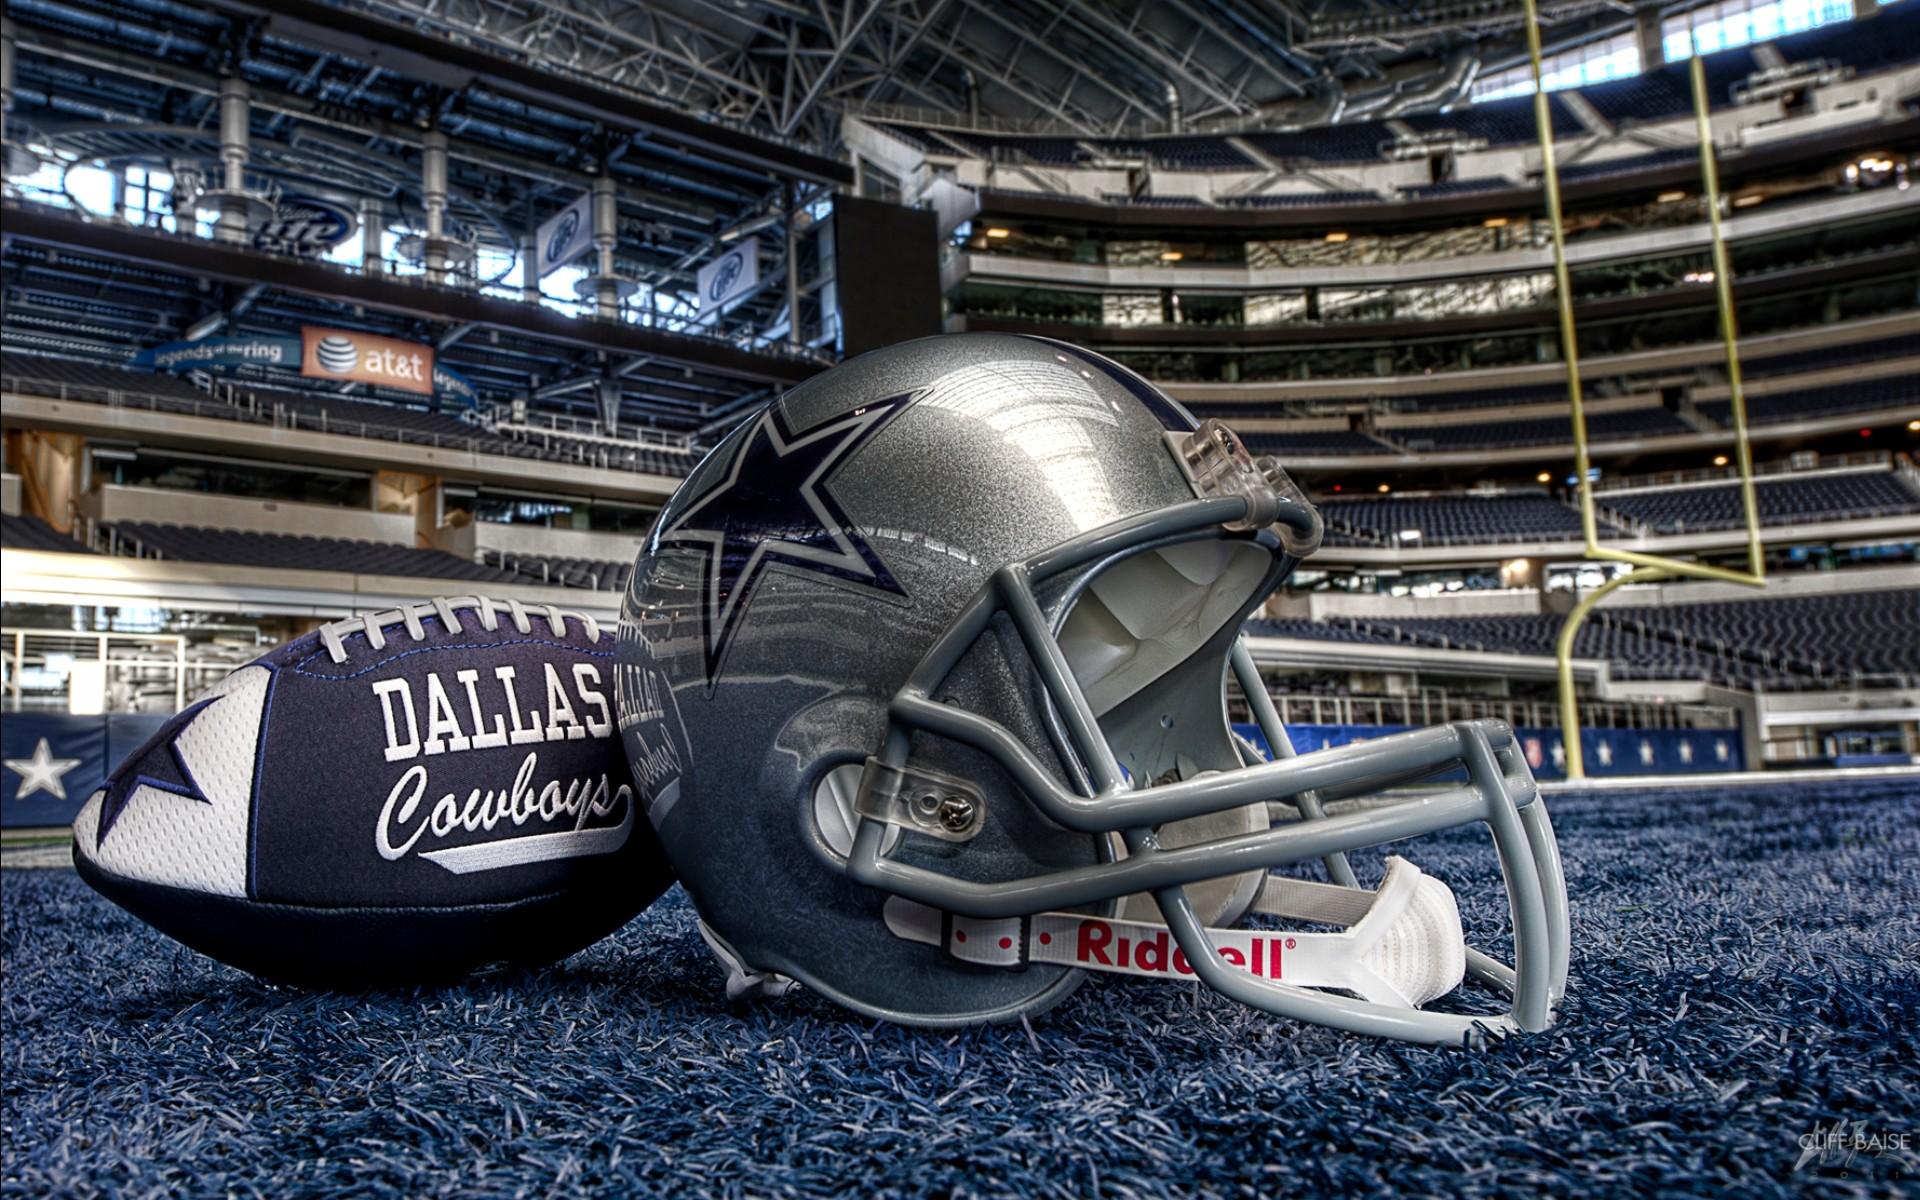 … Dallas Cowboys Widescreen Wallpaper